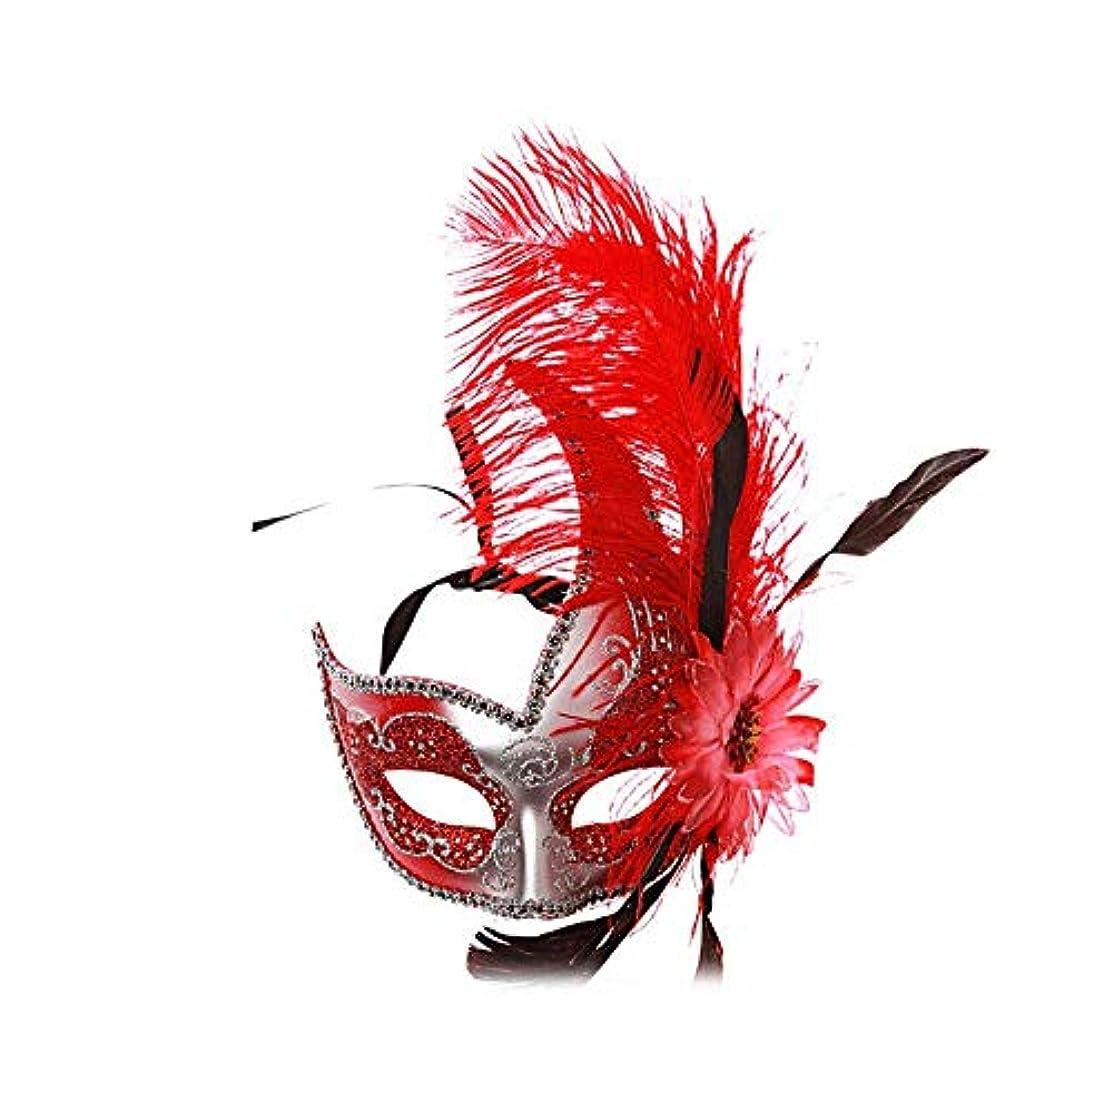 ご注意親愛なしみNanle ハロウィンマスクハーフフェザーマスクベニスプリンセスマスク美容レース仮面ライダーコスプレ (色 : Style B red)